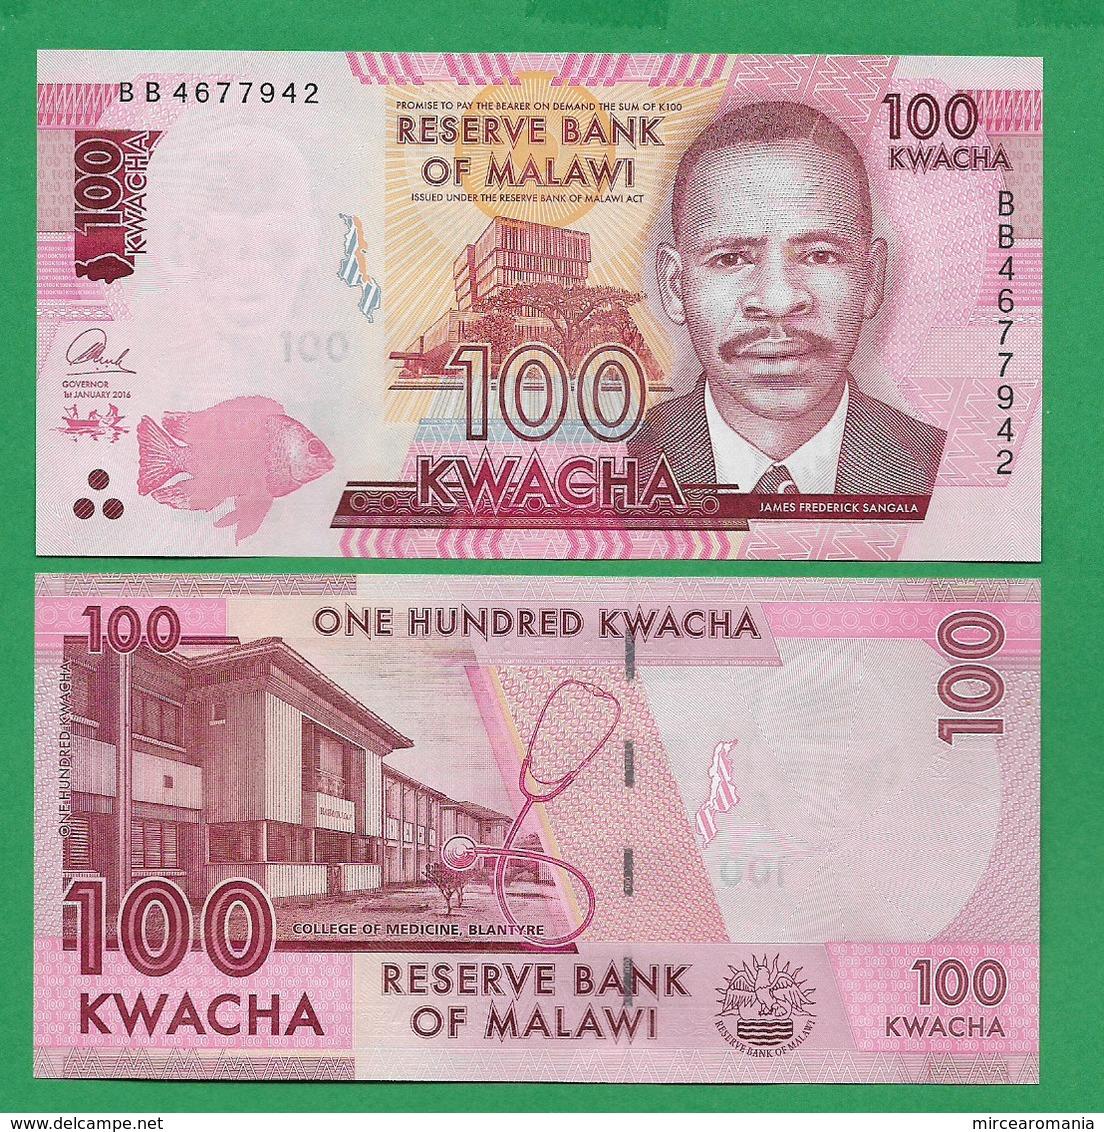 MALAWI - 100 KWACHA - 2016 - UNC - Malawi